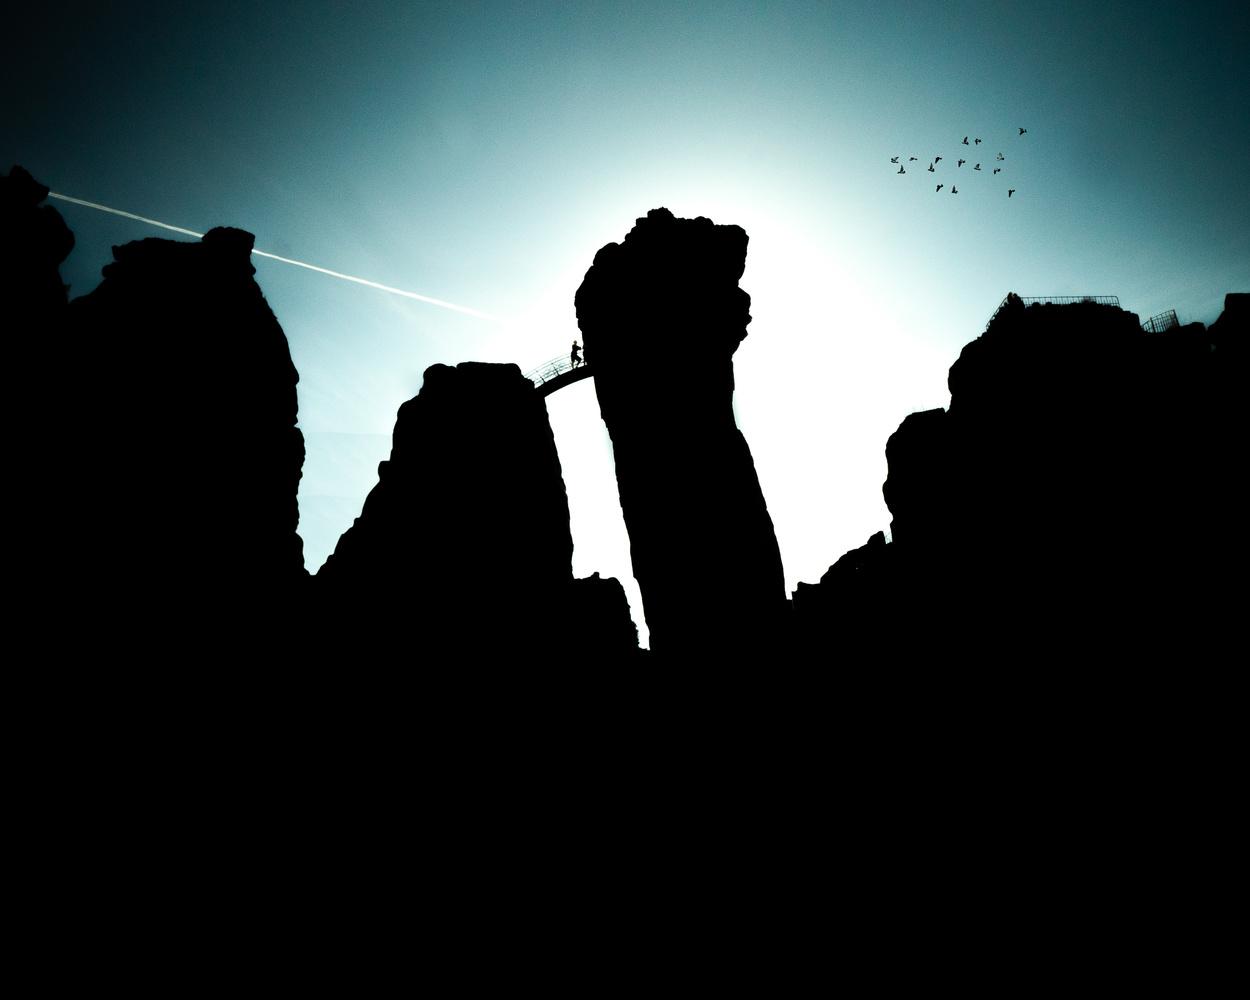 Silhouette of the Externsteine by Sam Green